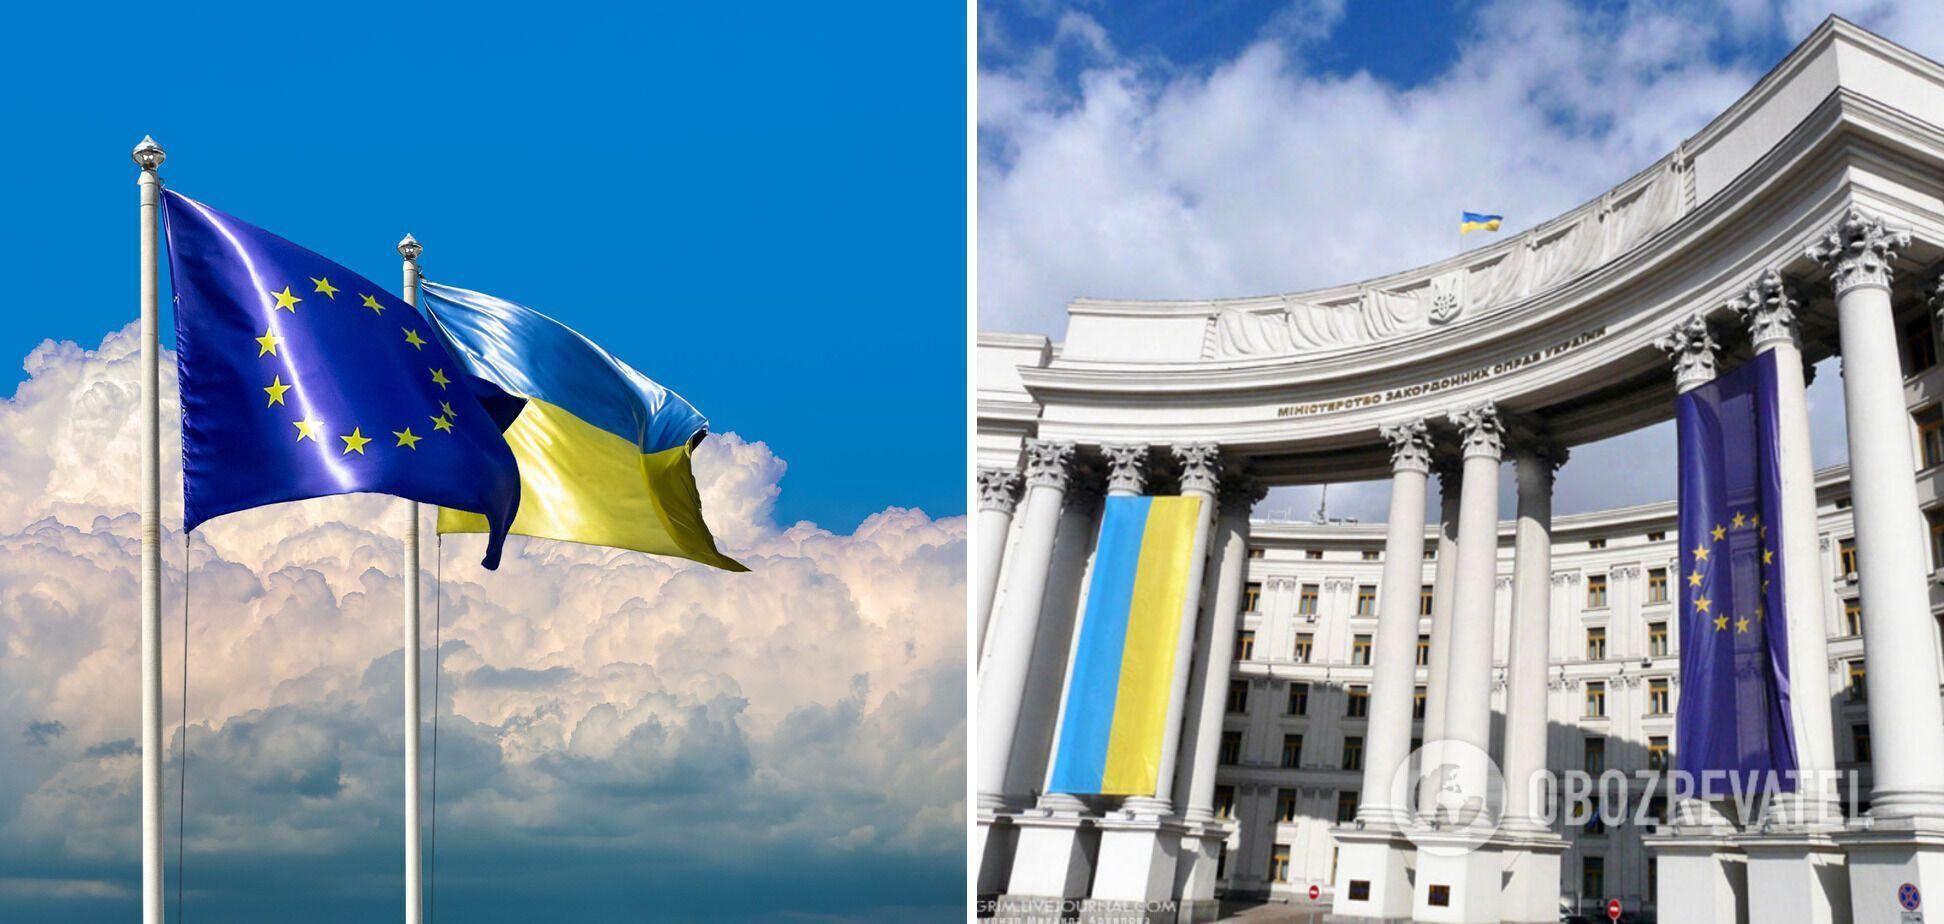 Глава МИД отметил, что Украина по-своему давит на ЕС, требуя предоставить европейскую перспективу